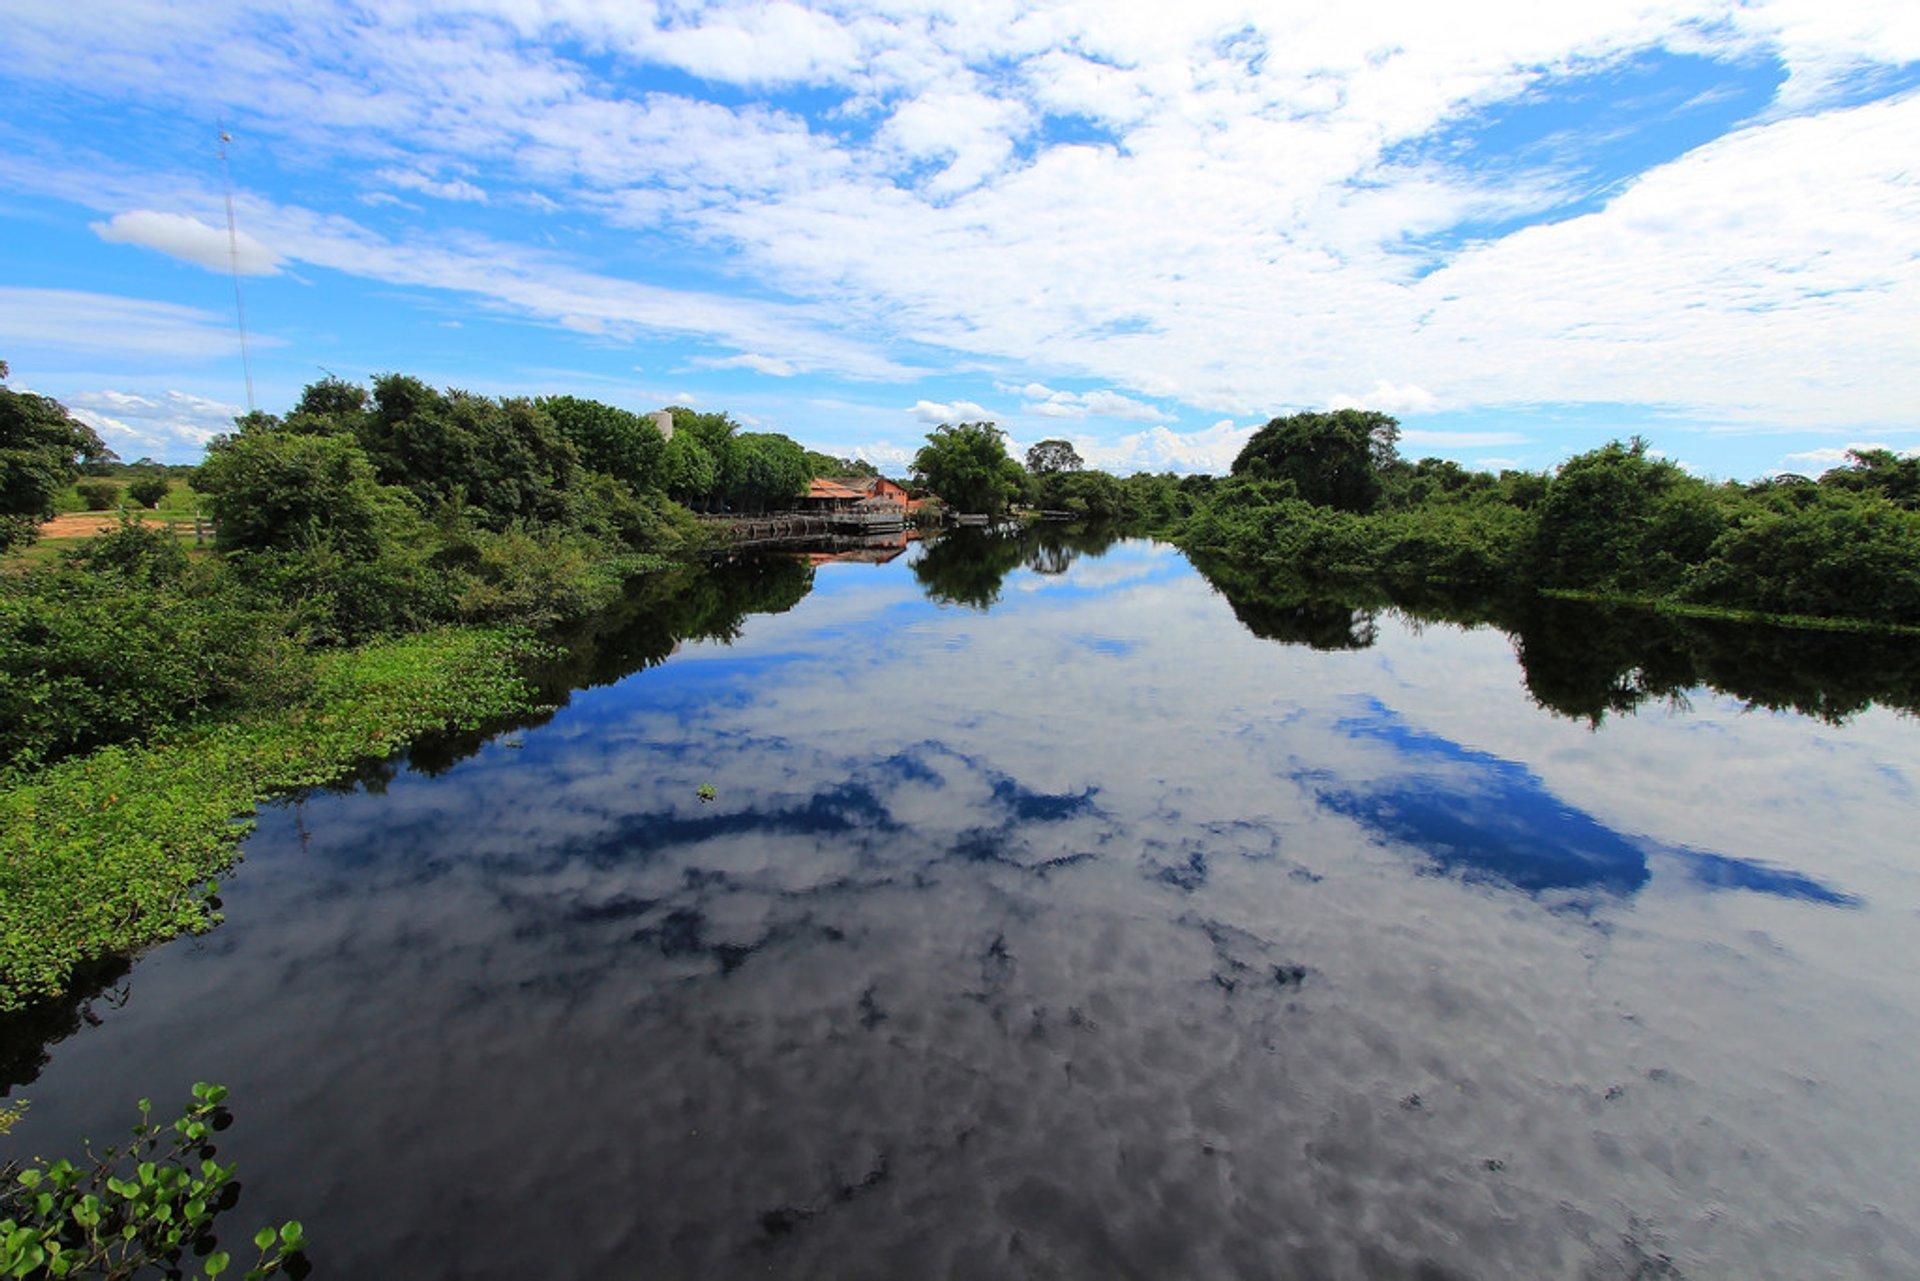 Rio Pixaim - Pantanal do Mato Grosso 2020